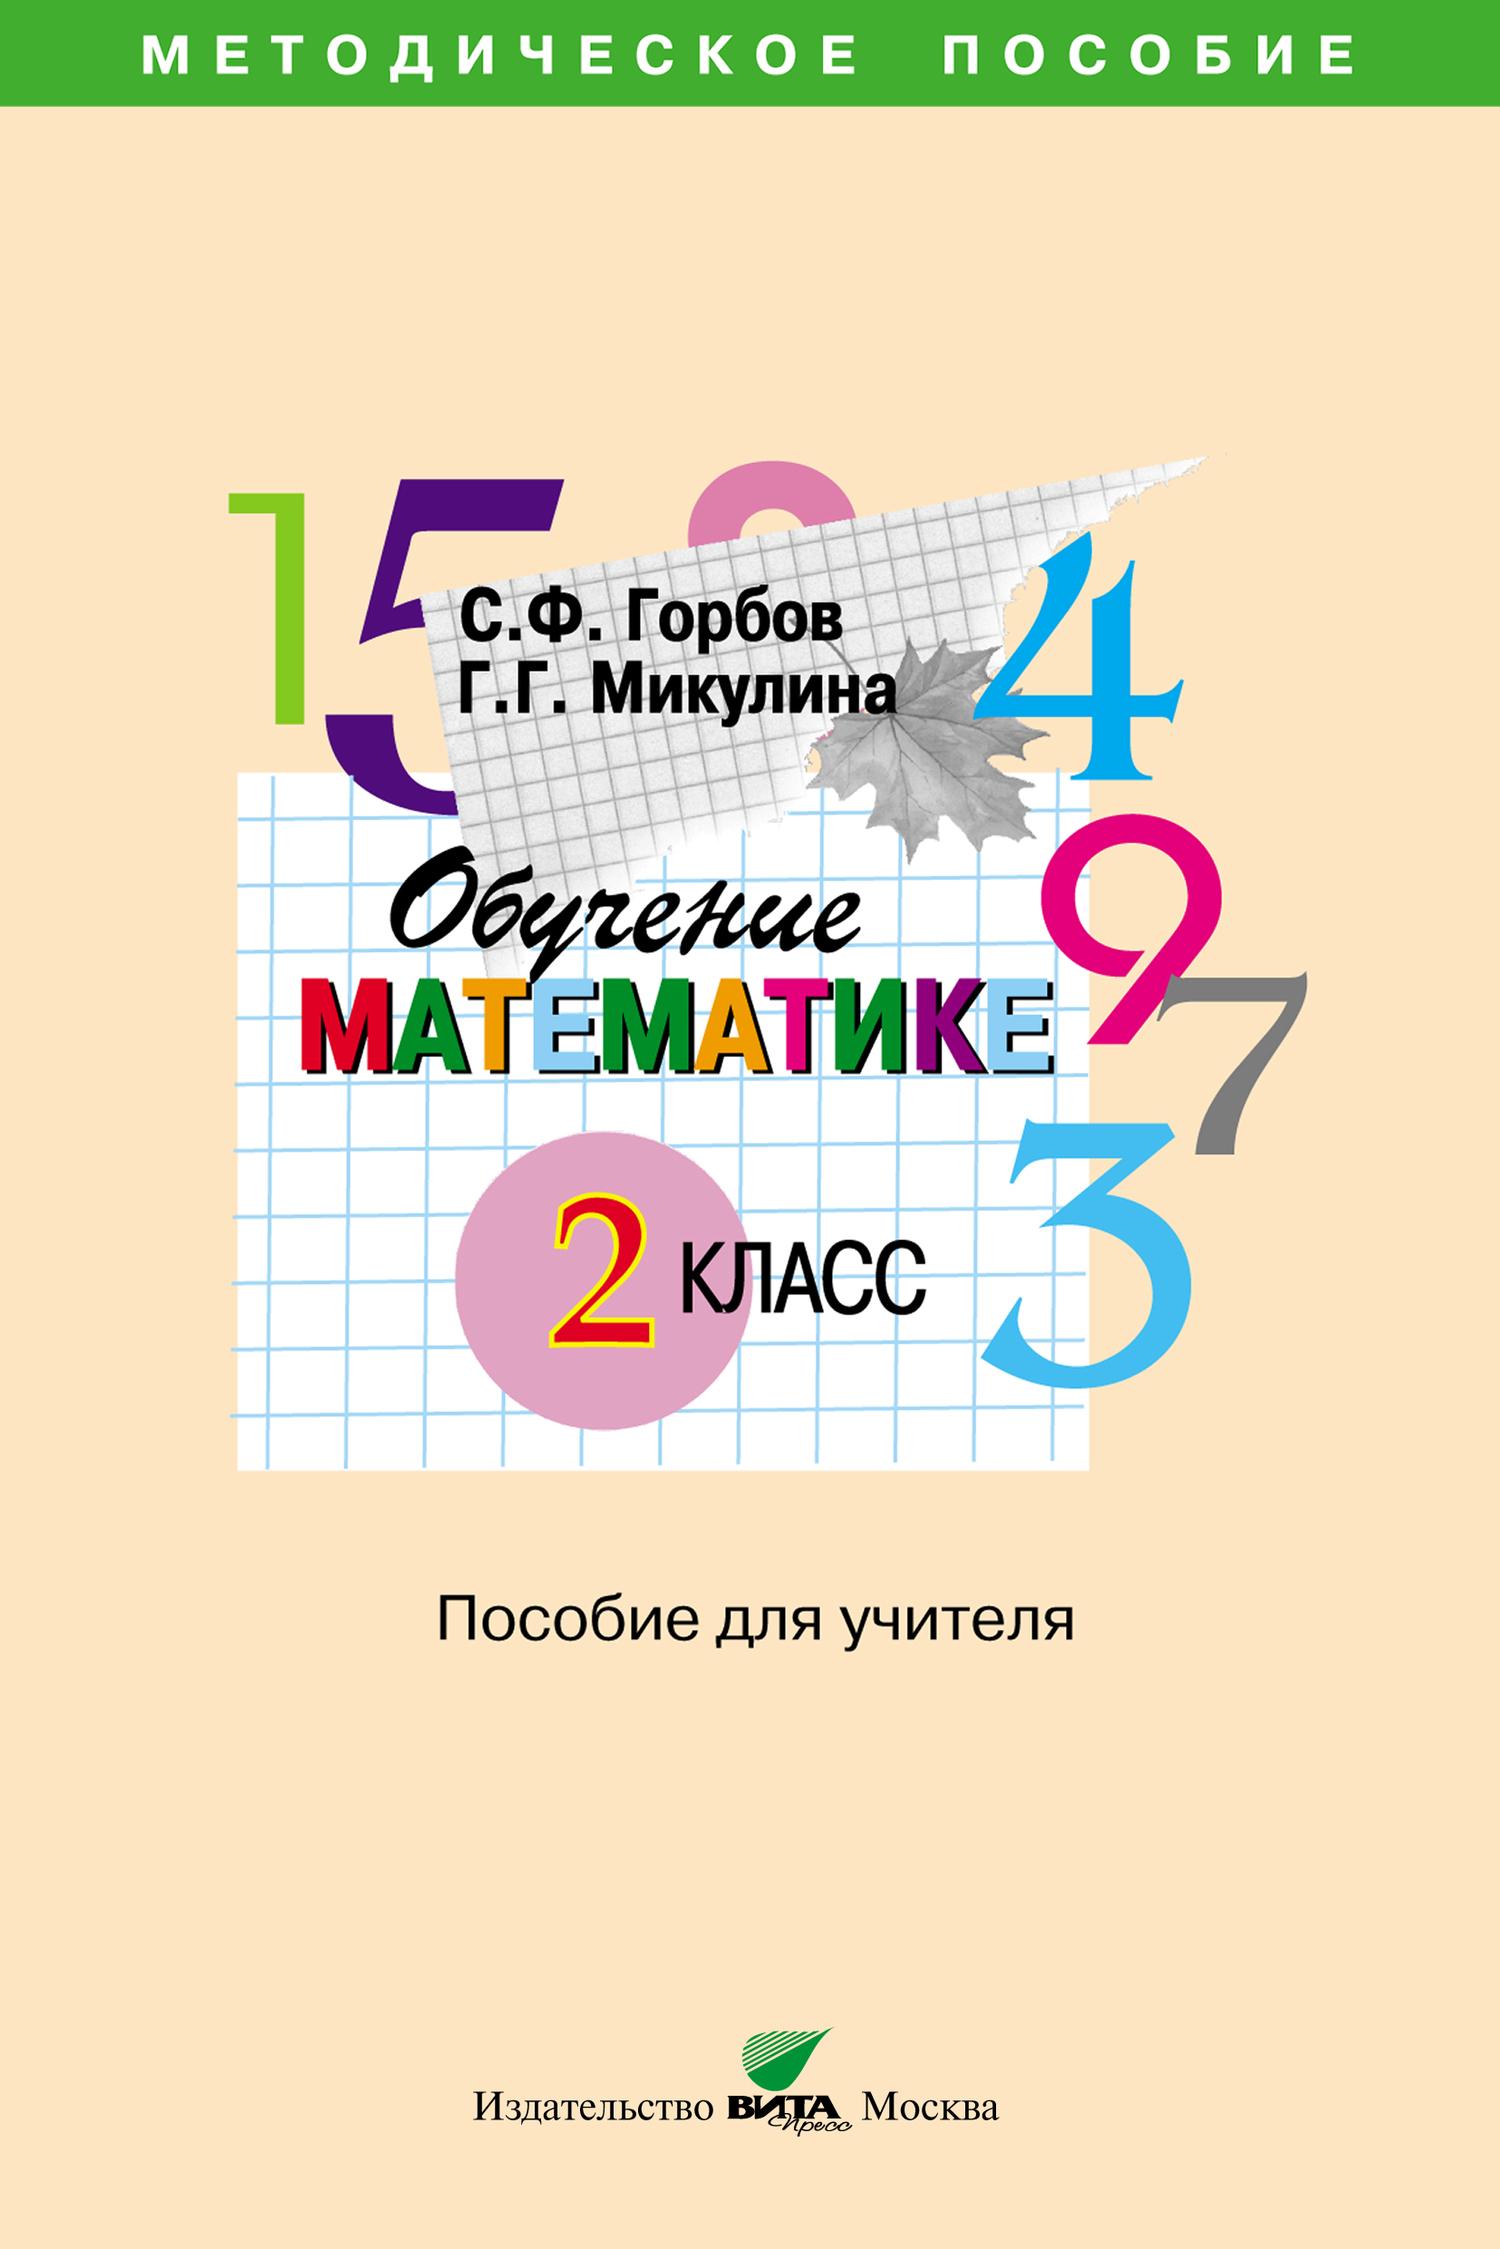 С. Ф. Горбов. Обучение математике. 2 класс. Пособие для учителя начальной школы